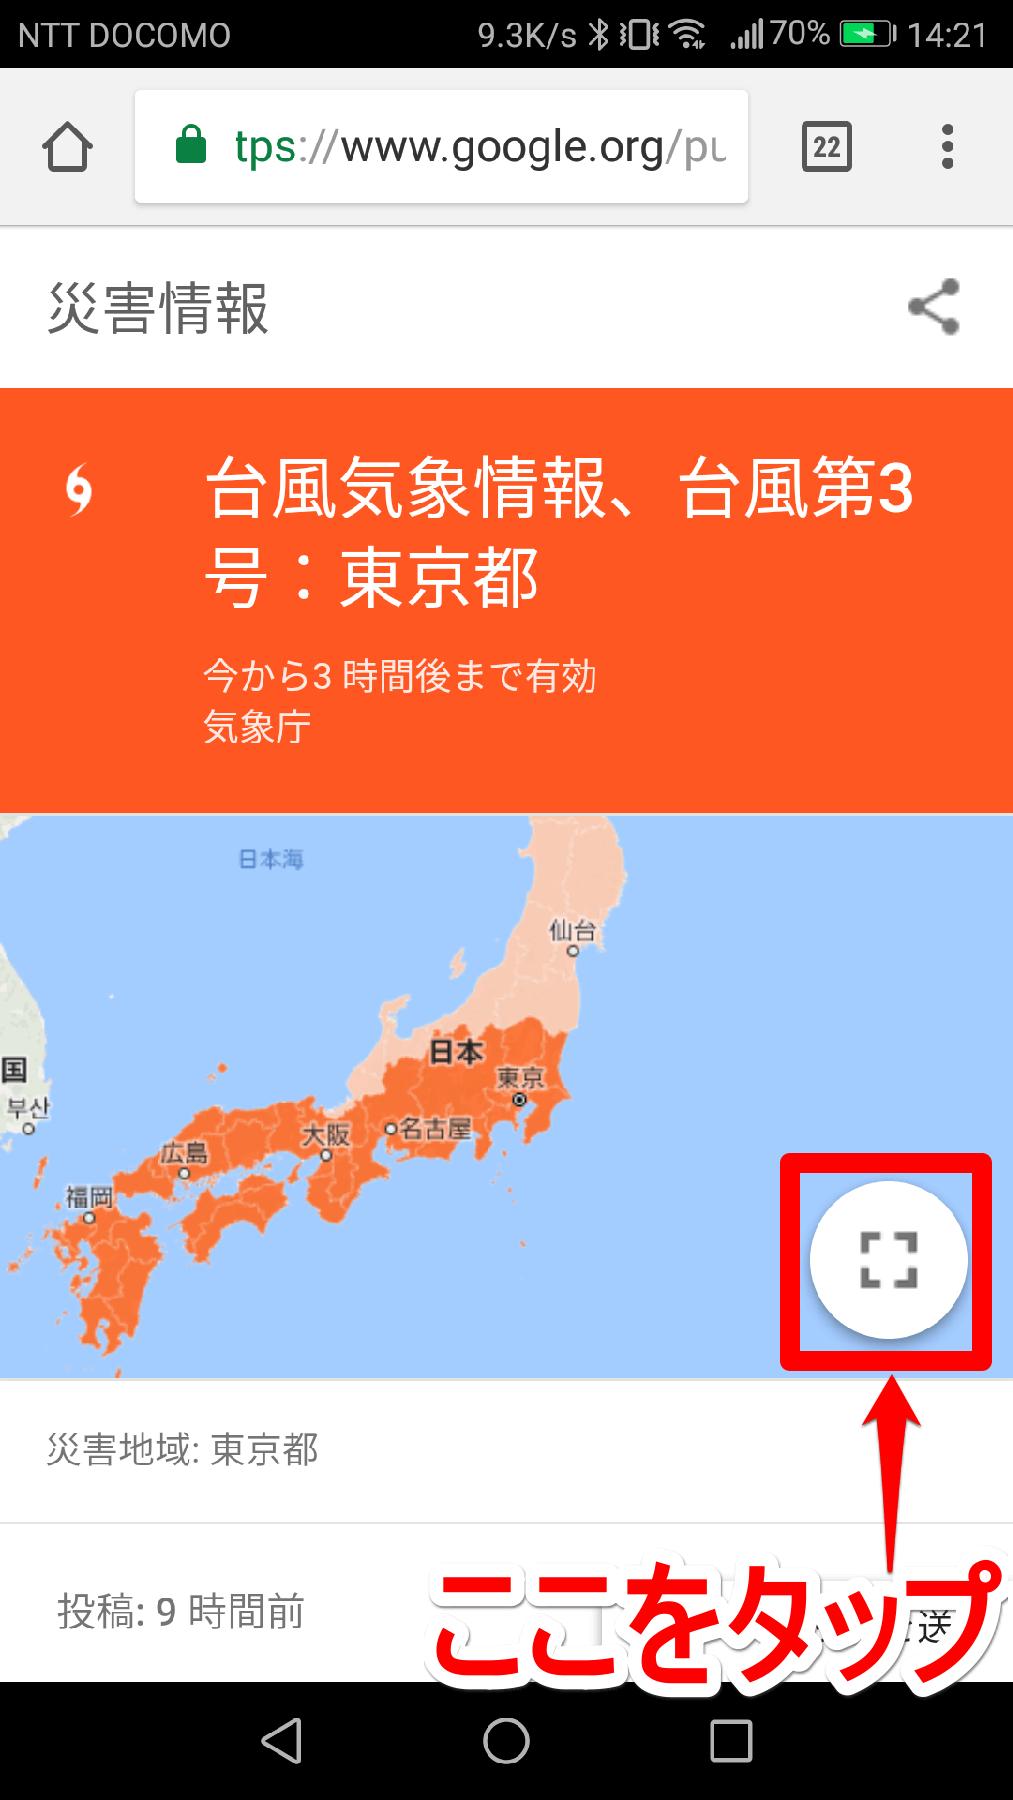 Googke(グーグル)の[災害情報]画面の地図をタップするところ